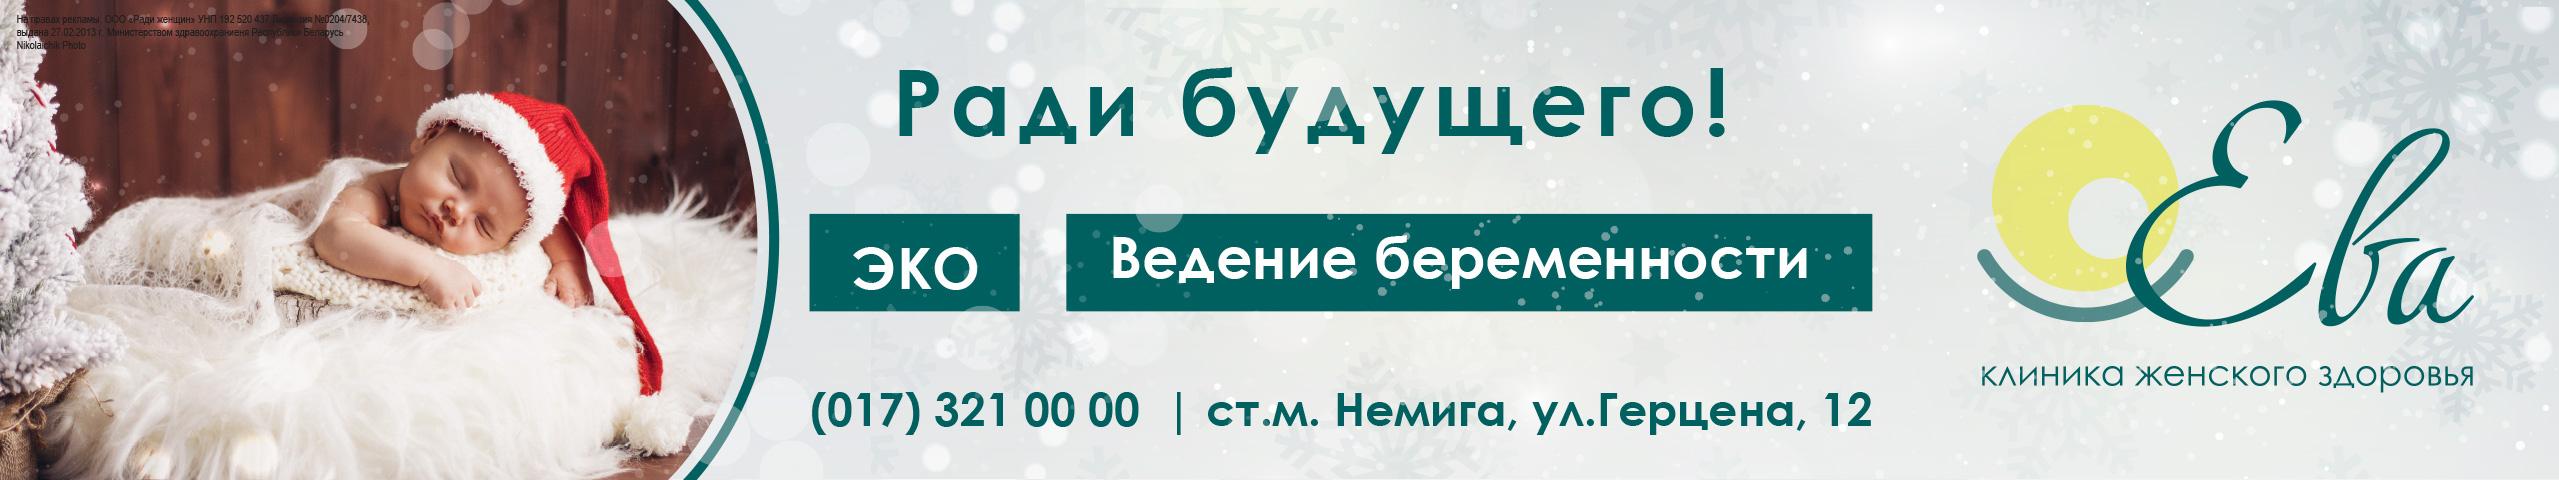 Анализ крови на иппп в минске цены гастроскопия ивановского района